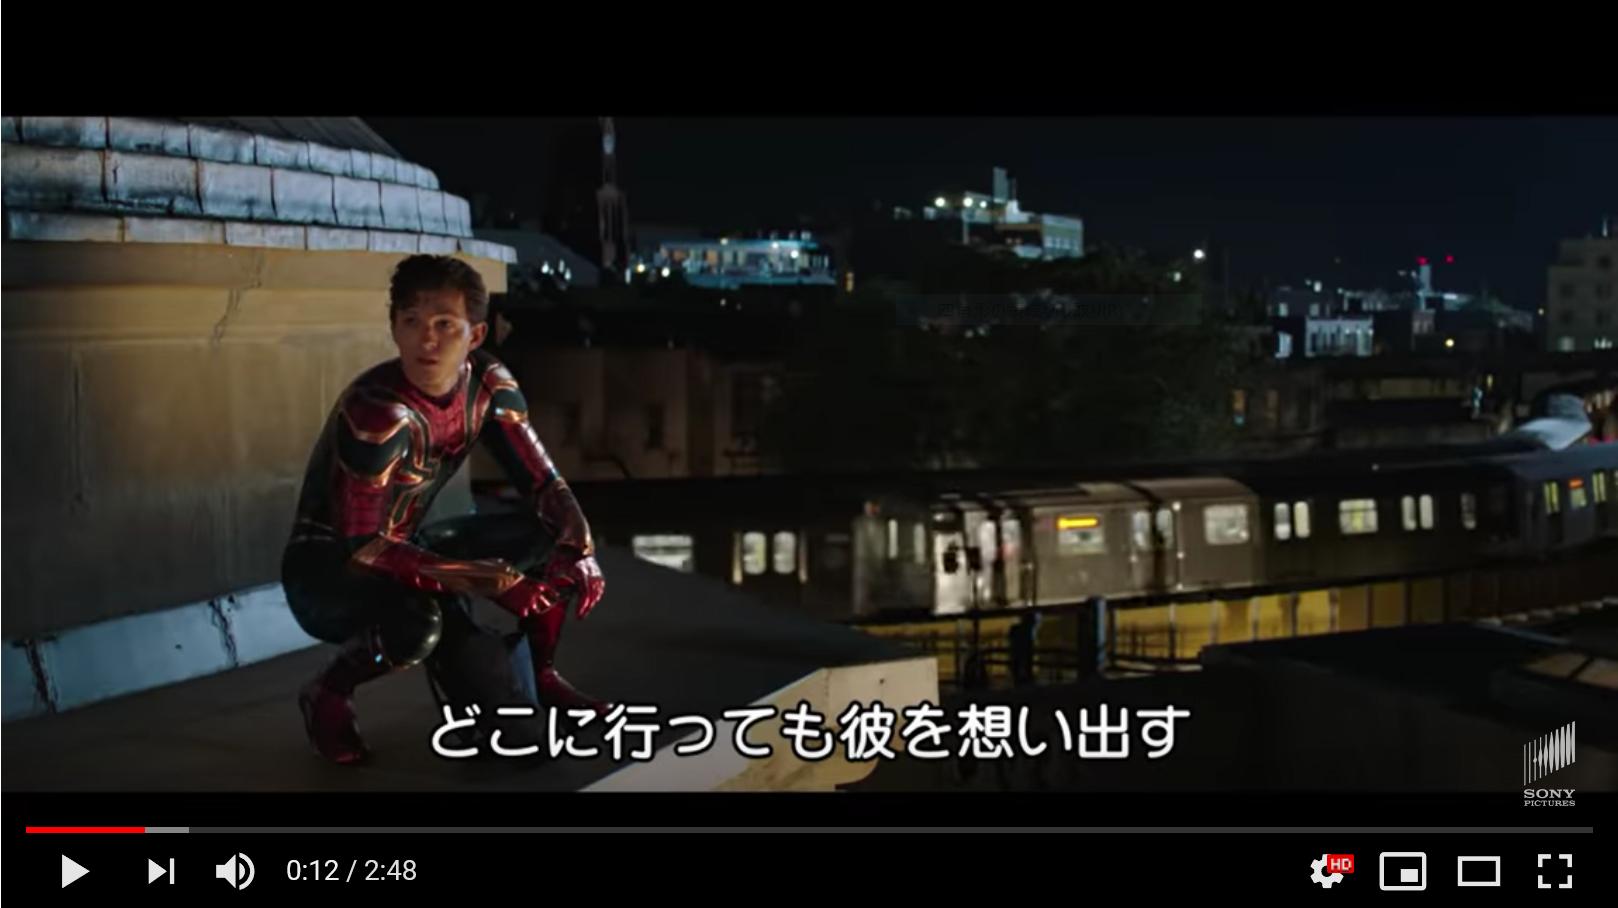 スパイダーマン:ファー・フロム・ホームのシーン1